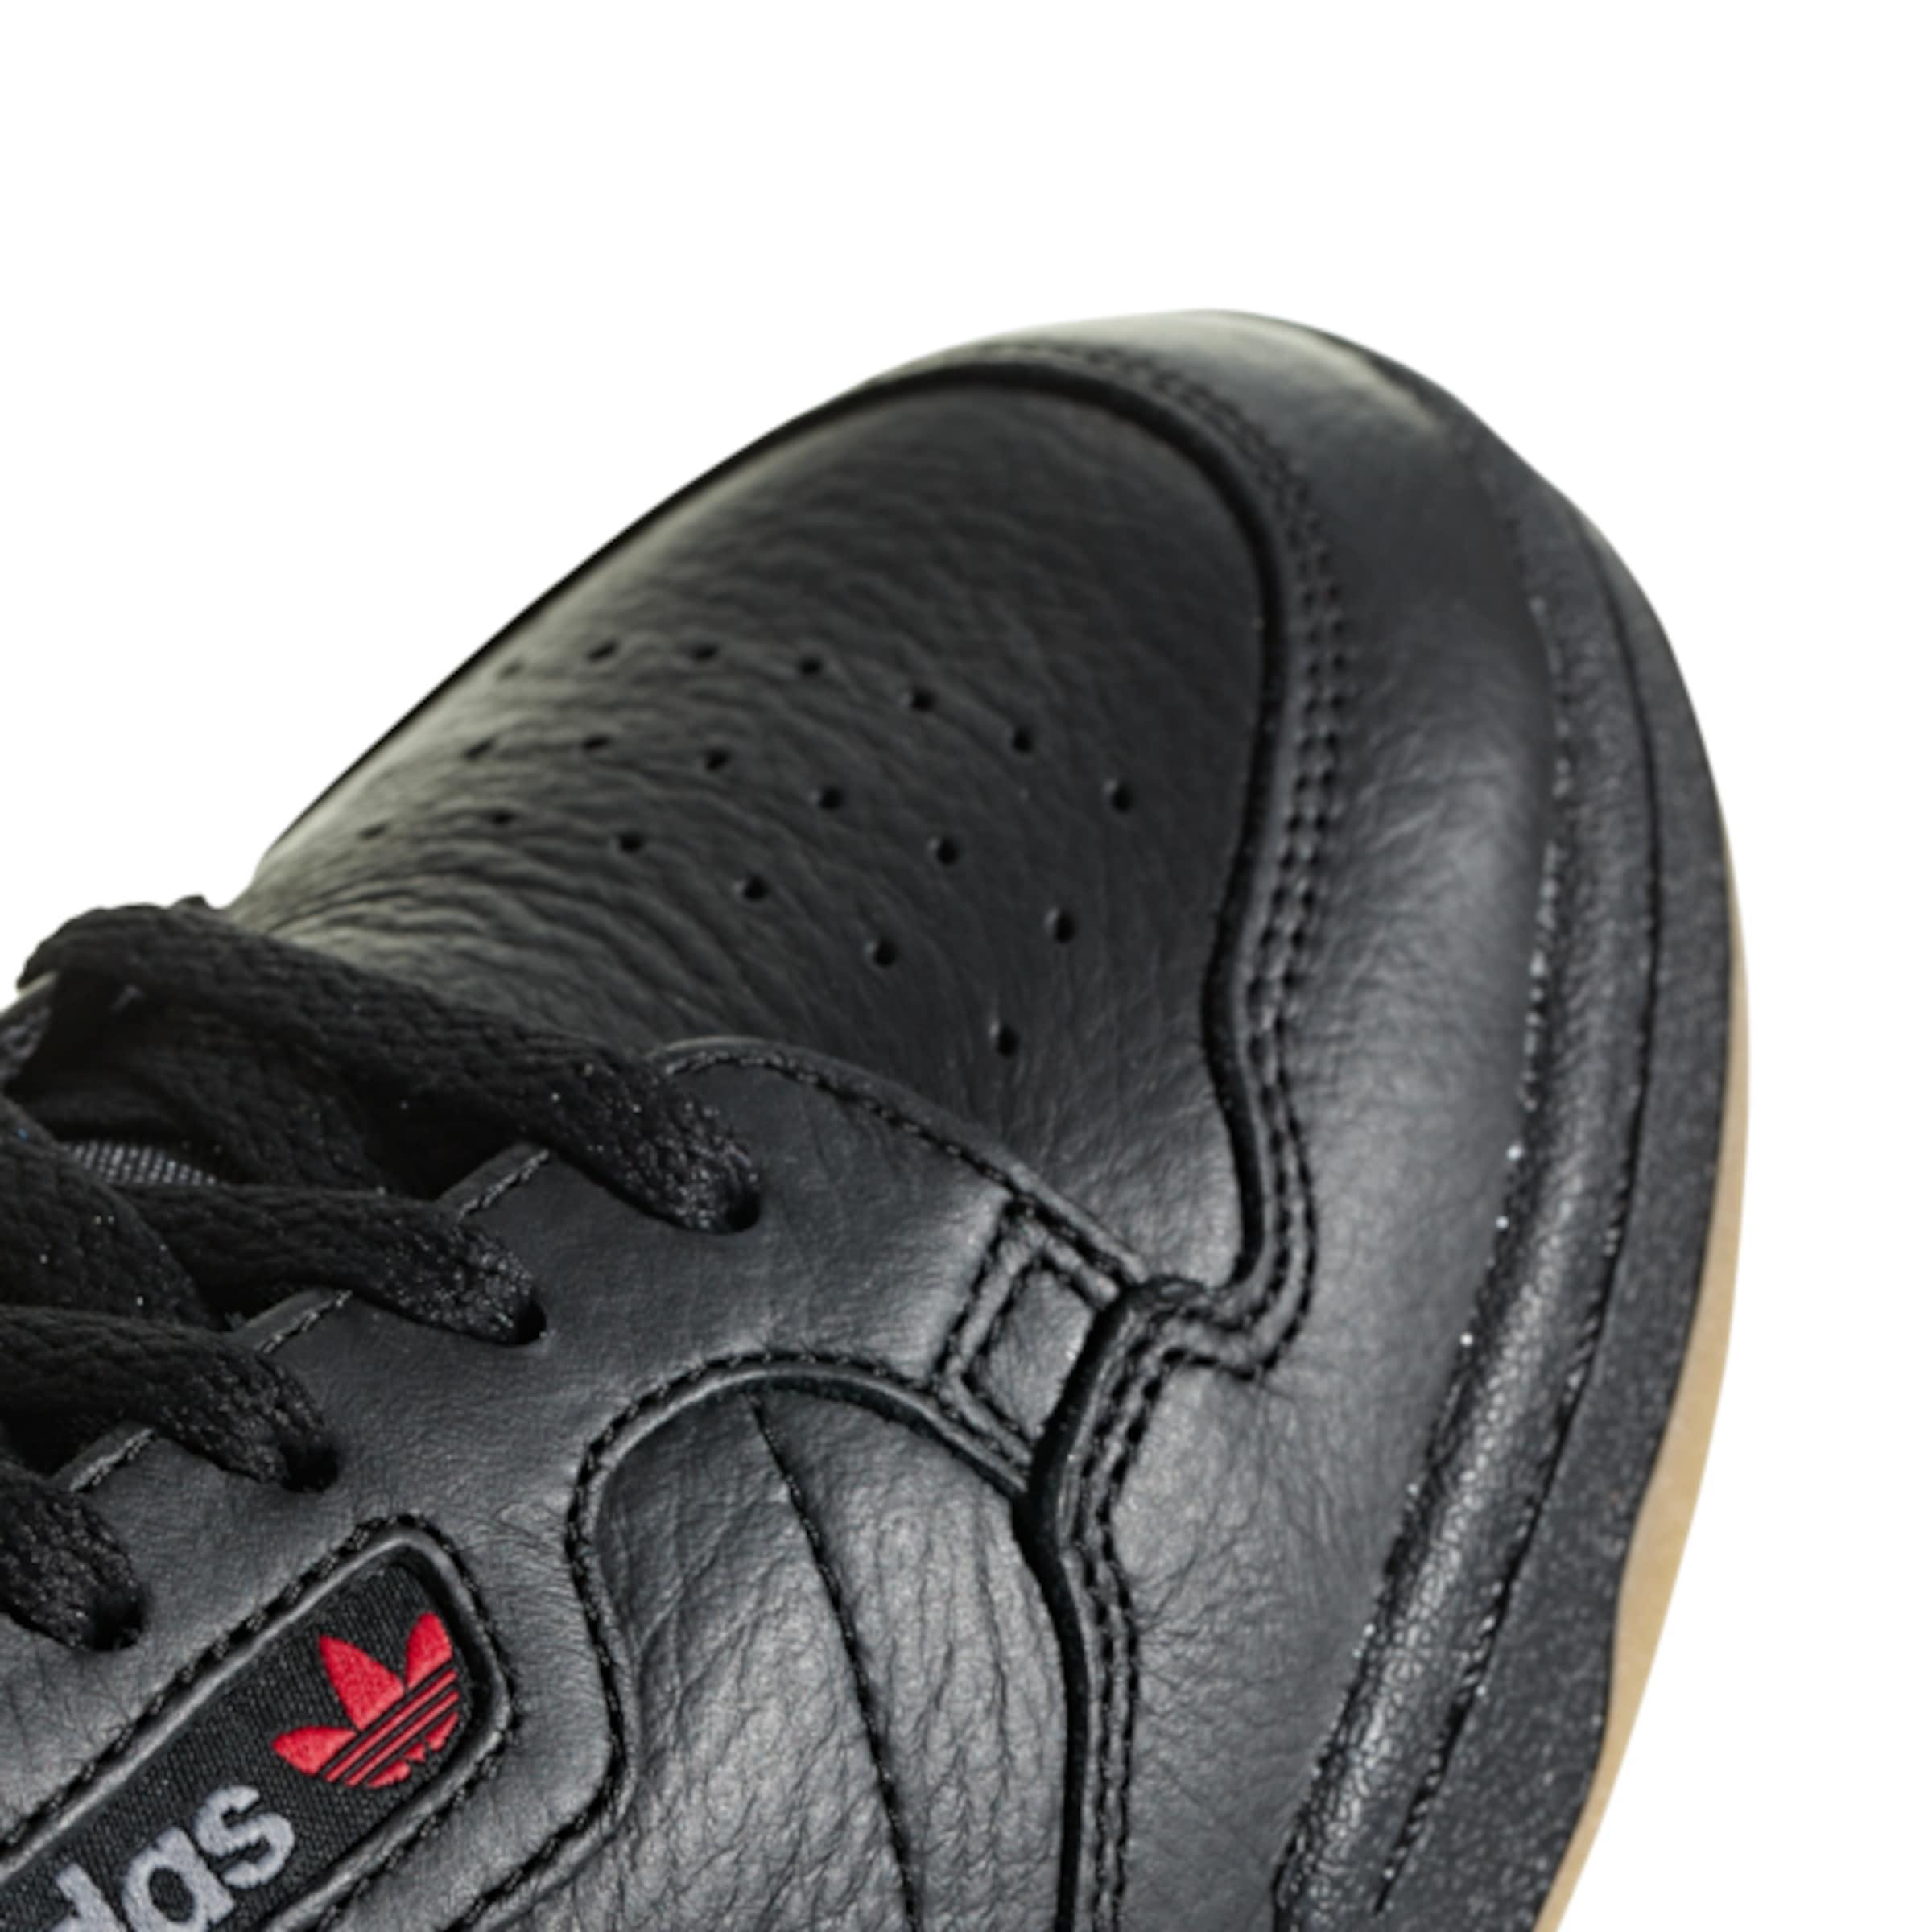 GrauSchwarz Sneaker 80' Adidas Originals 'continental In thsQrd